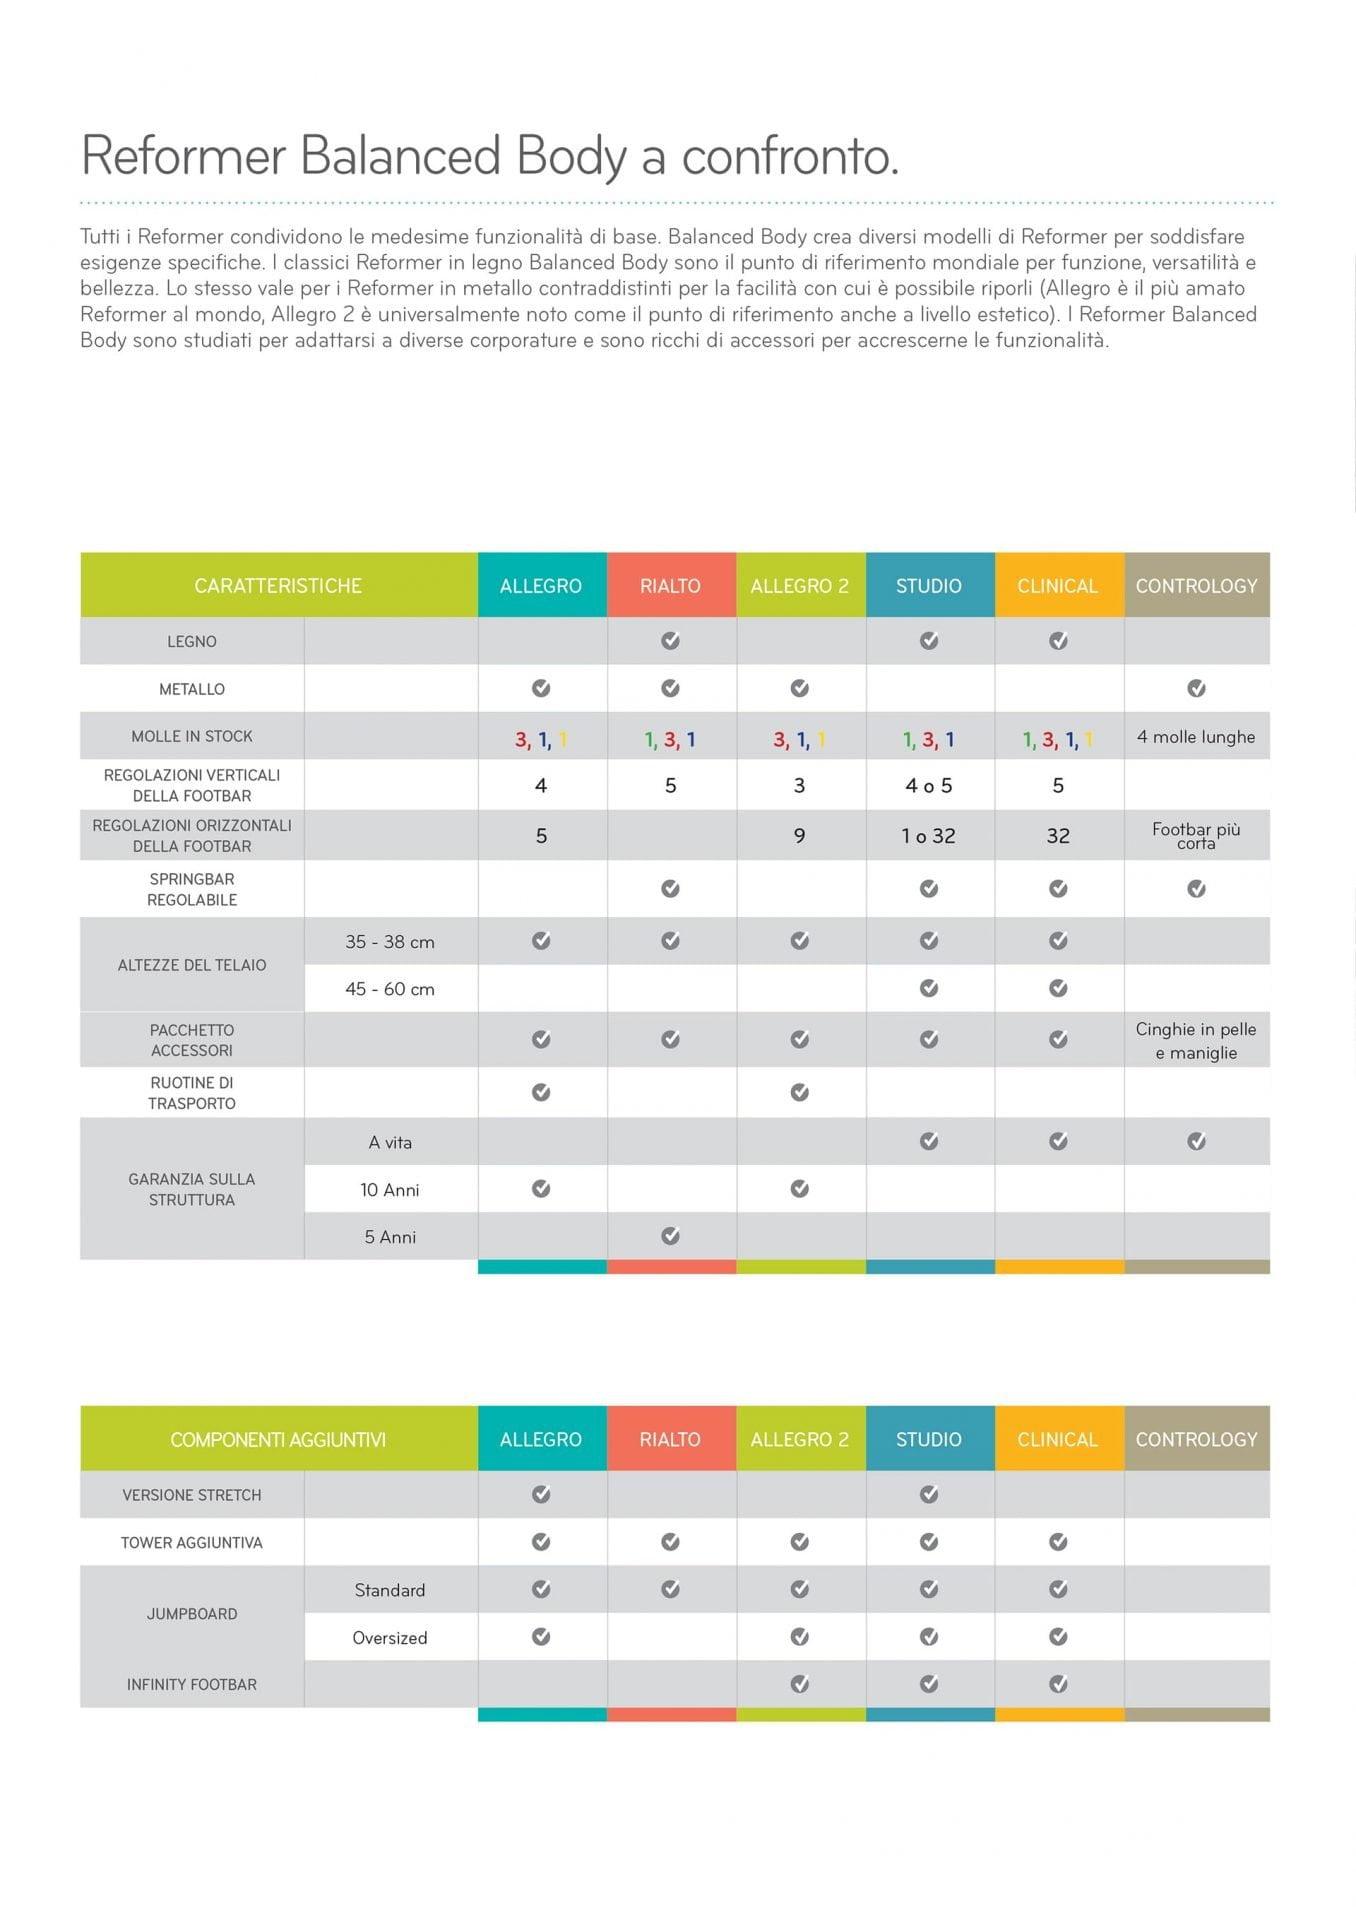 Tabella confronto modelli Reformer Balanced Body